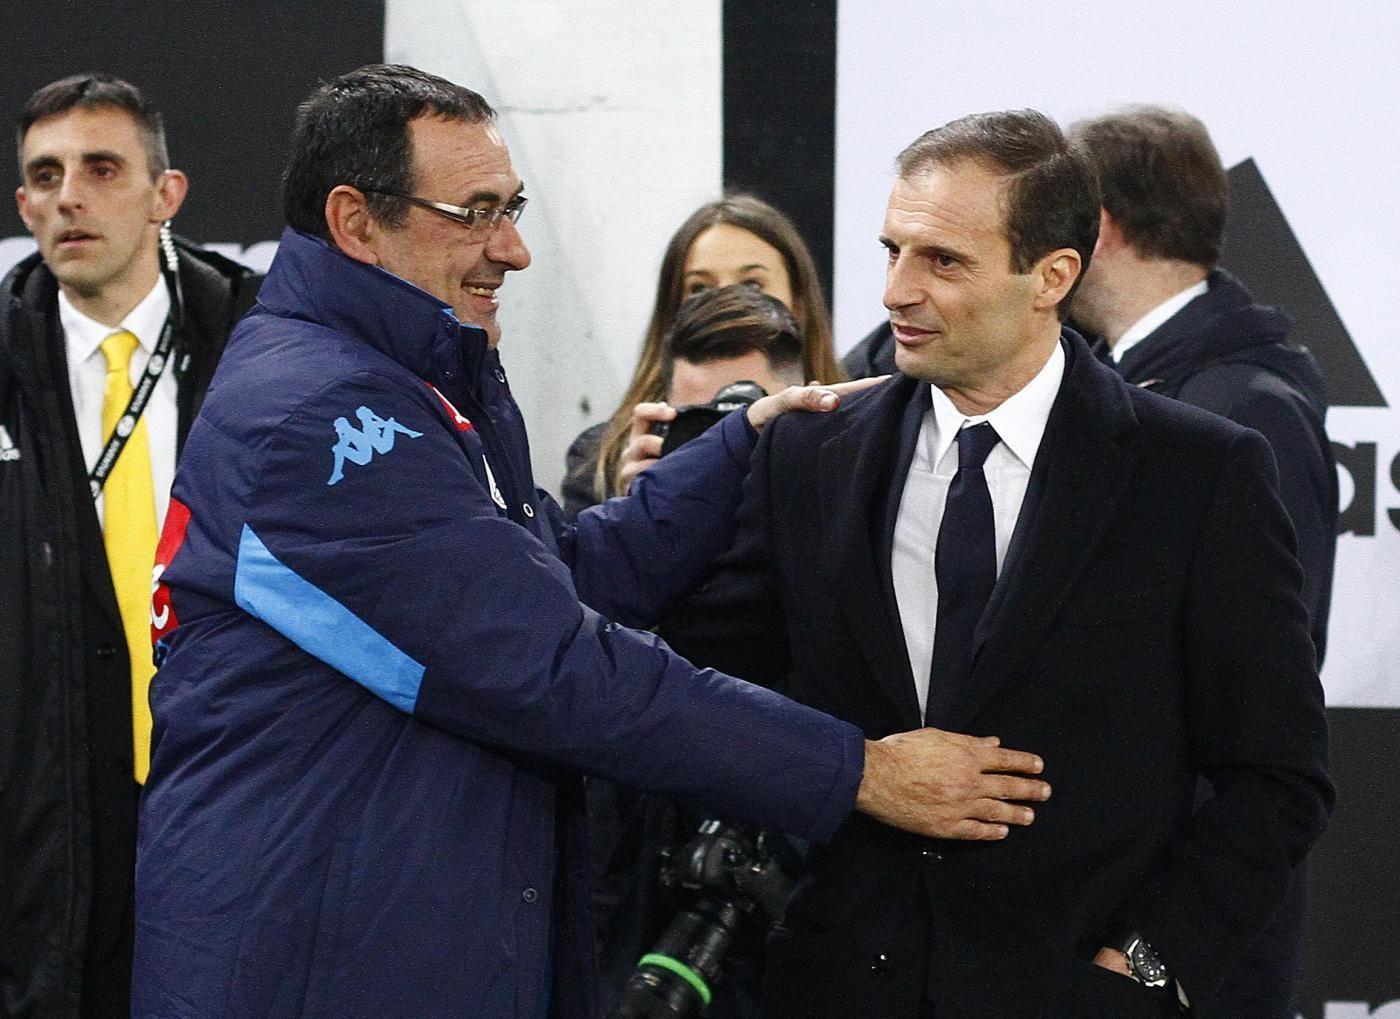 Sorteggi ottavi Champions: Porto-Juventus e Real Madrid-Napoli